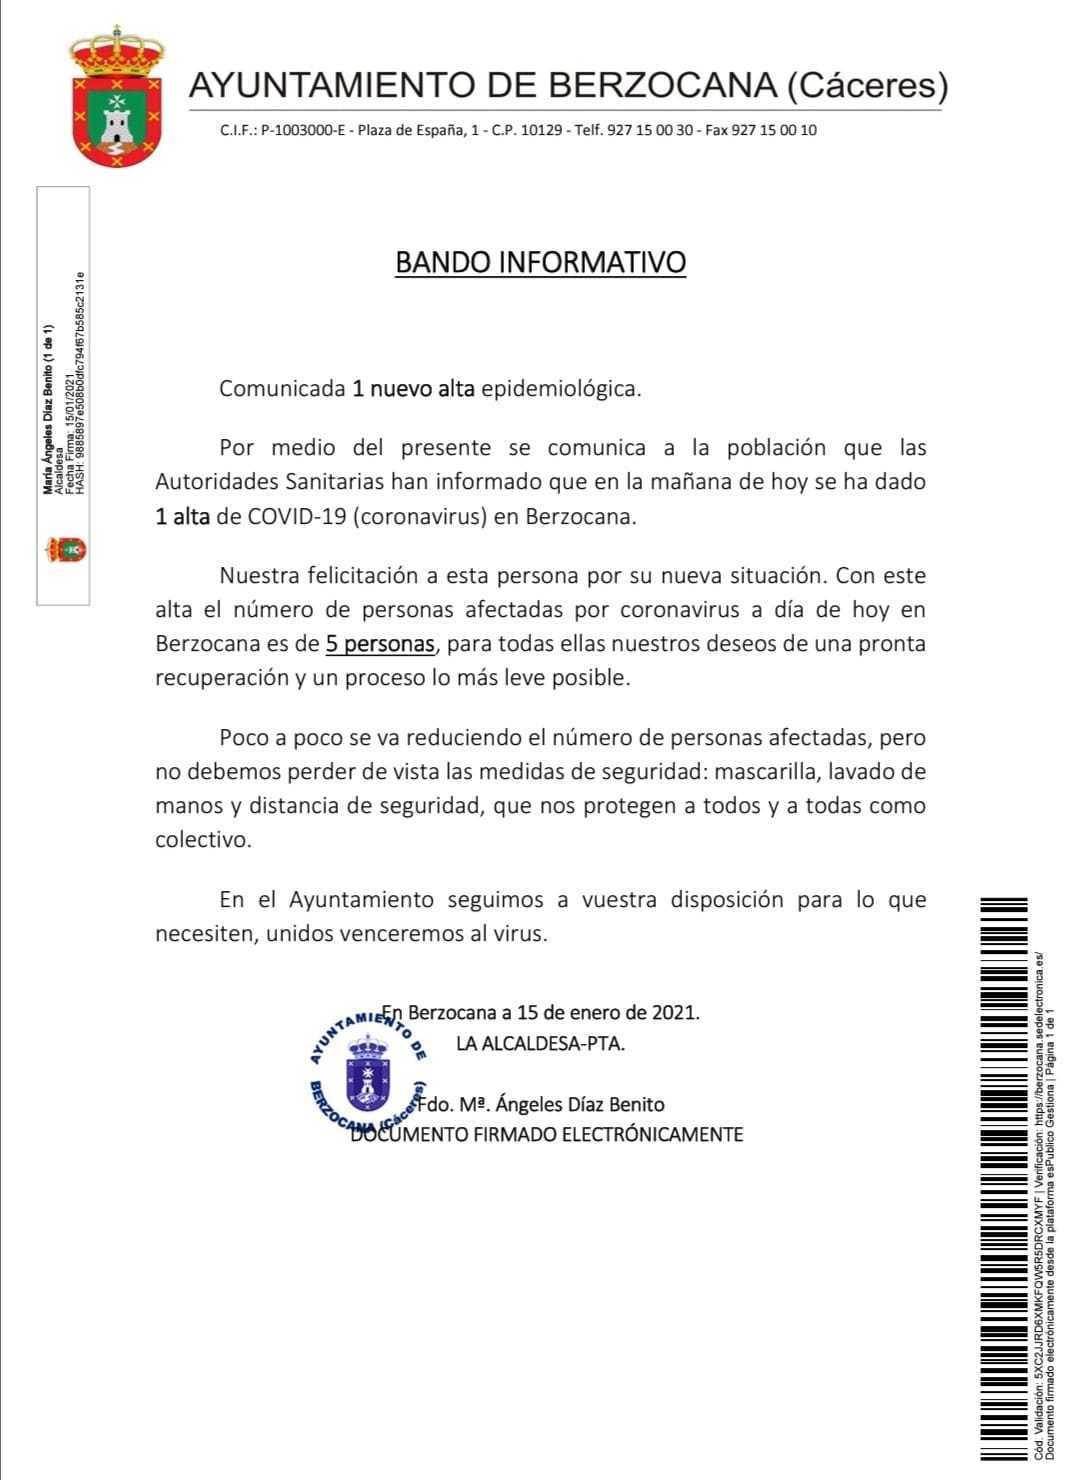 2 nuevos casos y 2 nuevas altas de COVID-19 (enero 2021) - Berzocana (Cáceres) 2